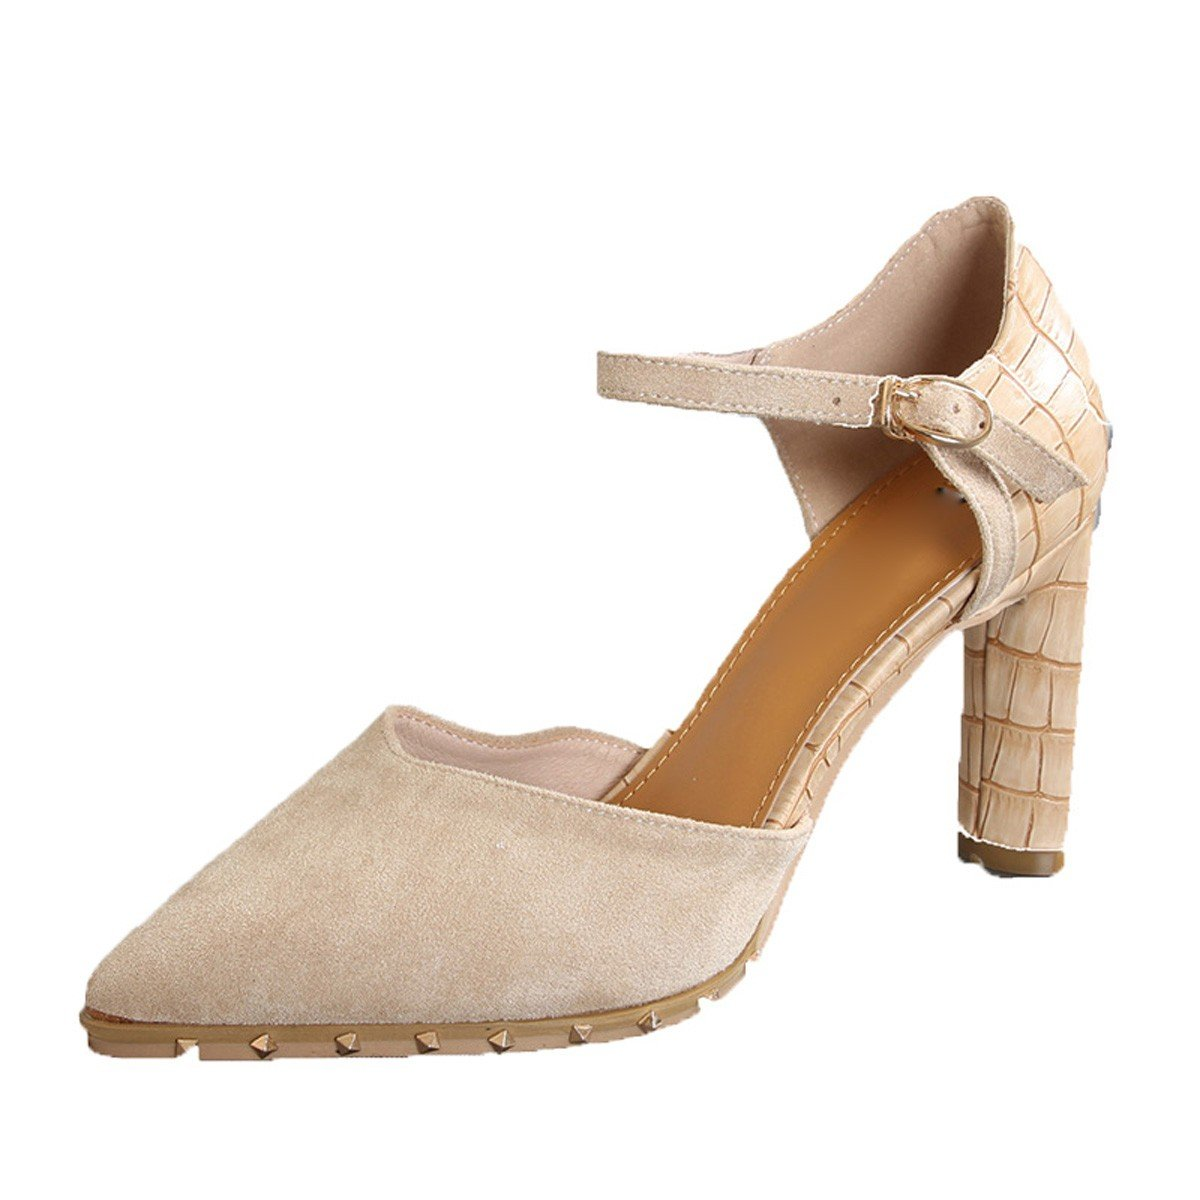 GTVERNH Damenschuhe Mode mit Den Folgenden Worten    9Cm Hochhackigen Schuhe Zangen Flachen Nieten Nieten Retro aus Wildleder Einzelne Schuhe der Frühling. 00b4eb